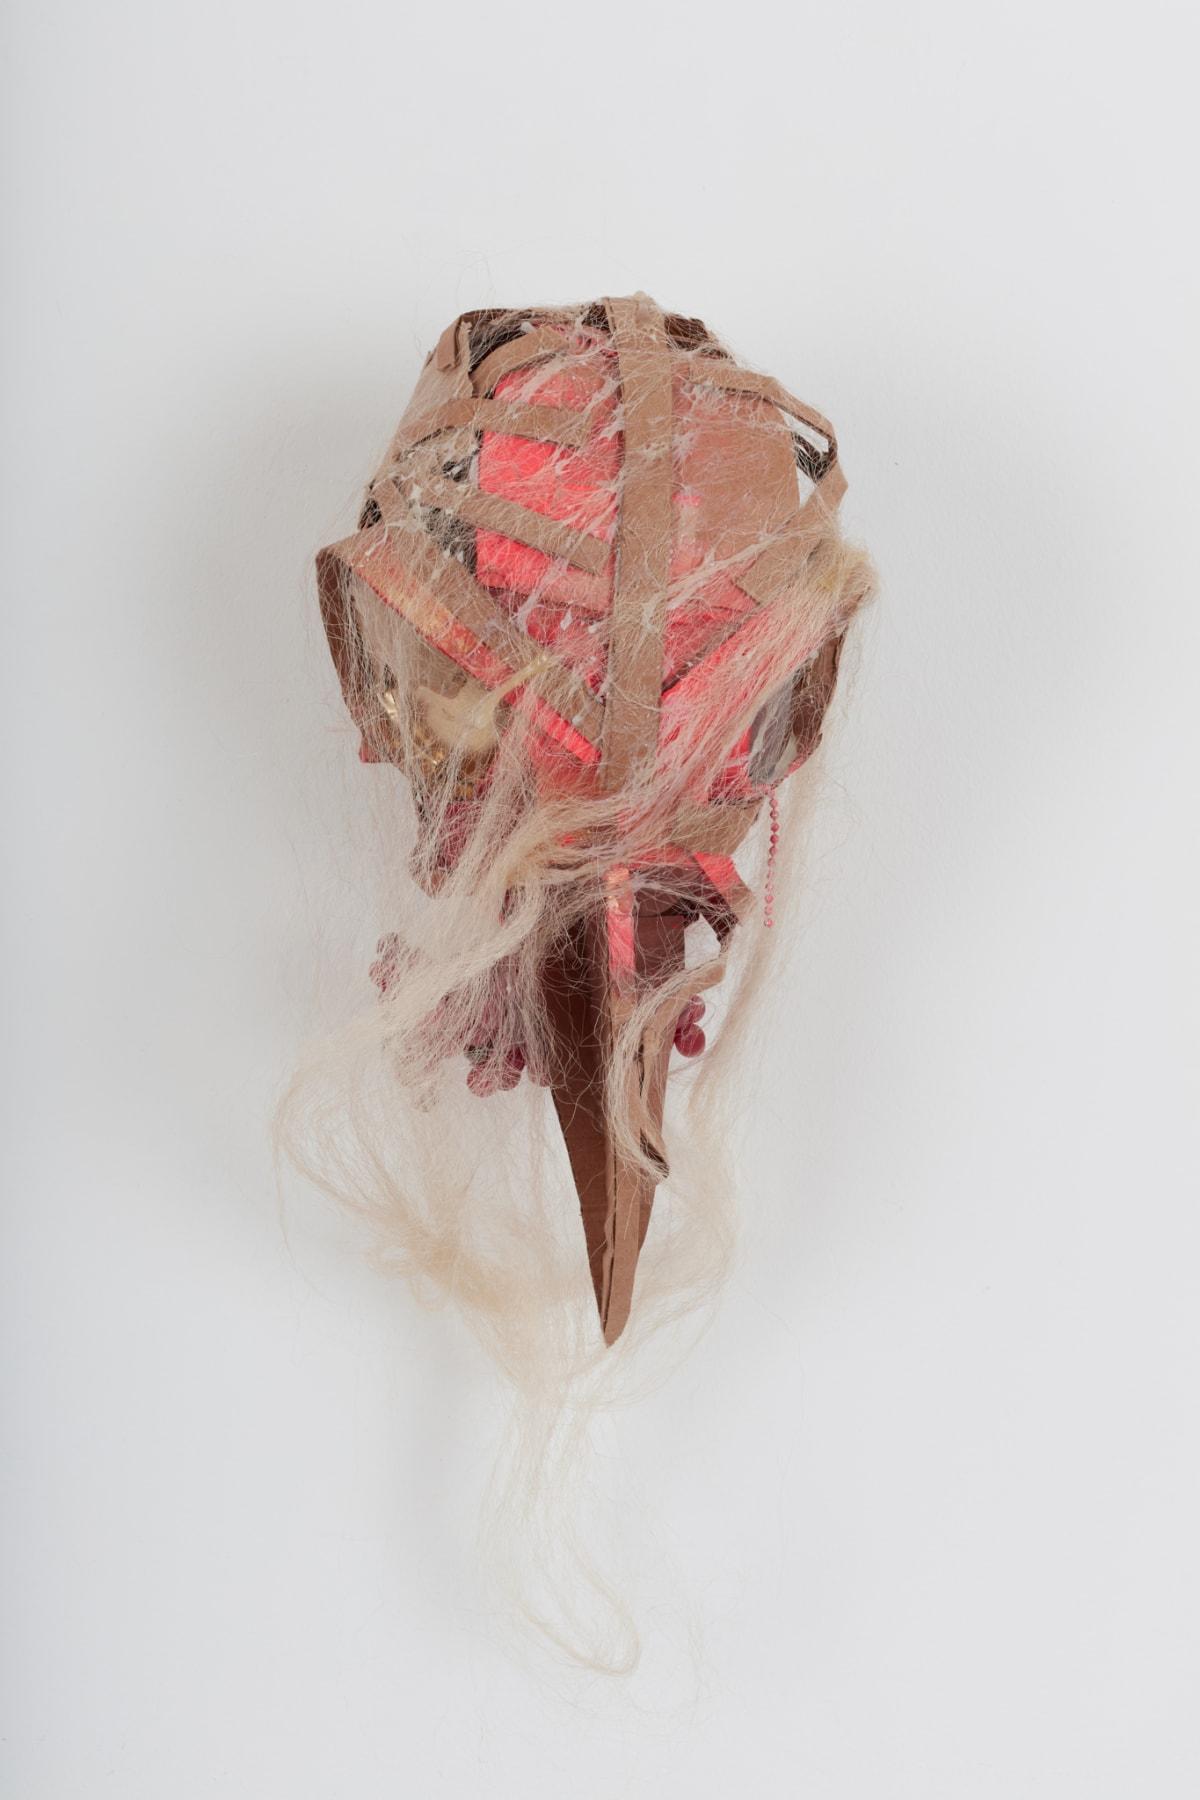 Lavar Munroe, Small Solider War Mask: Mask of Death, 2018